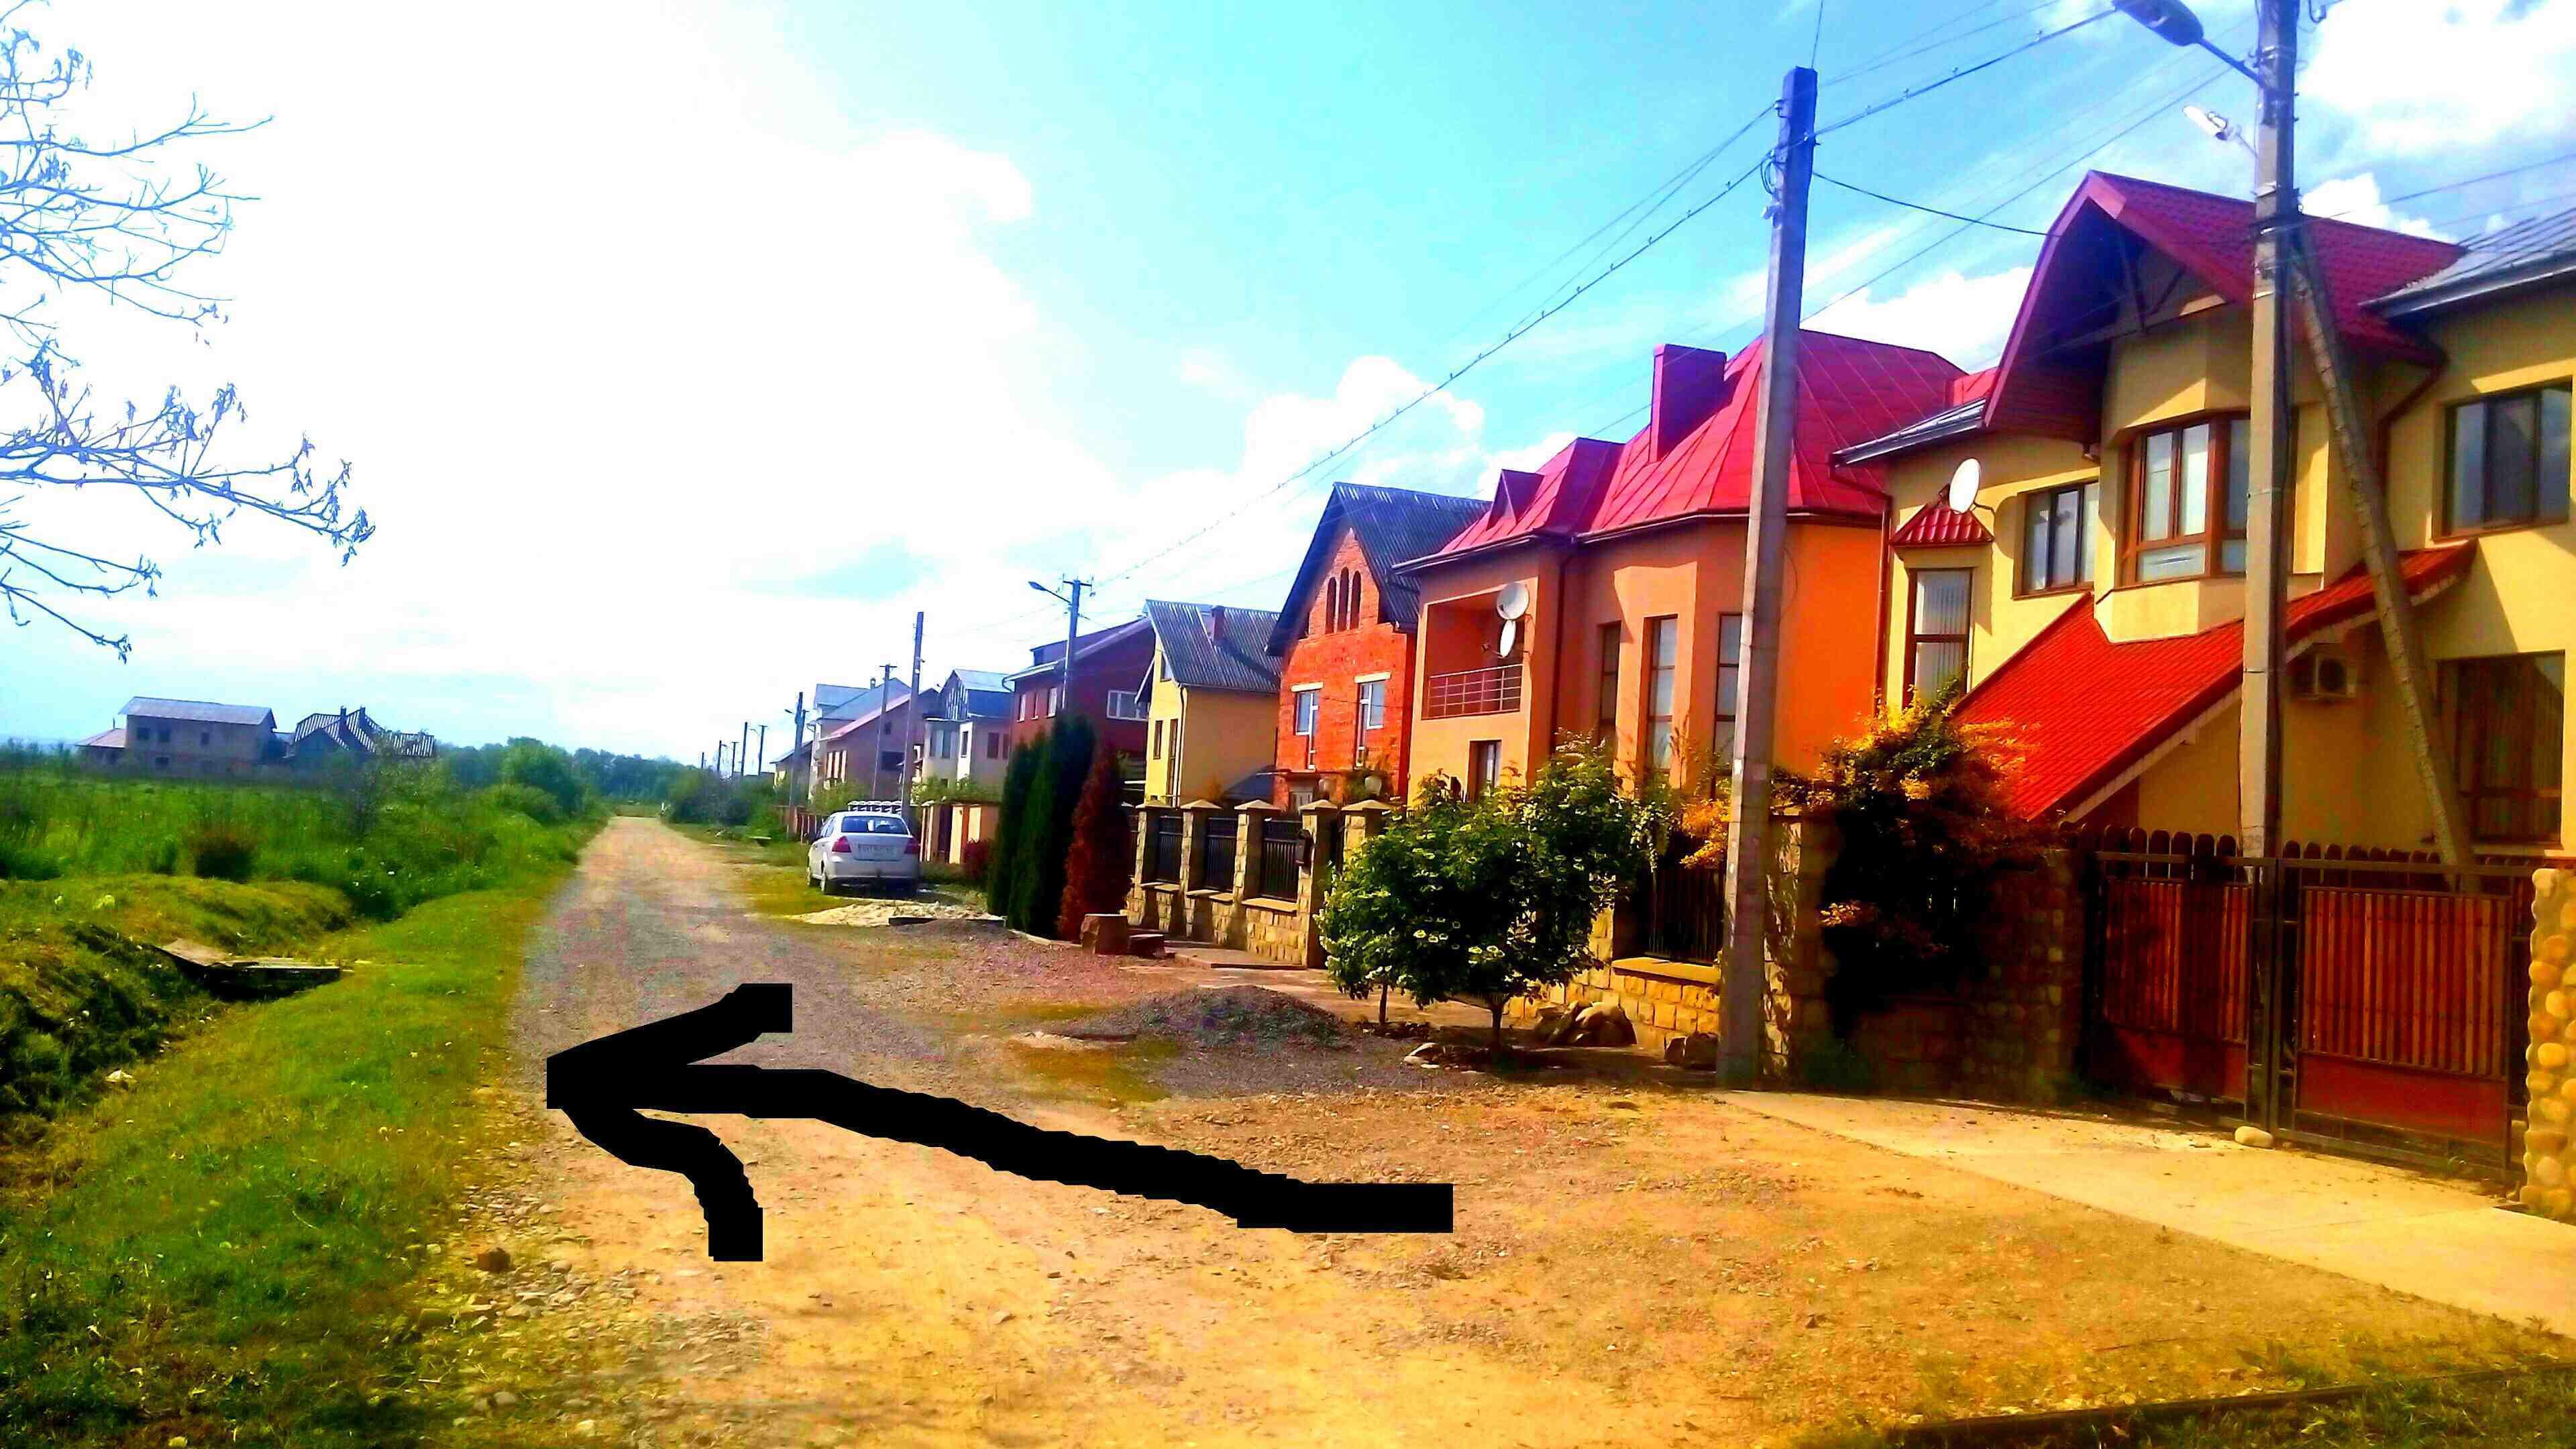 Продається земельна ділянка Івано-Франківськ, зображення 1